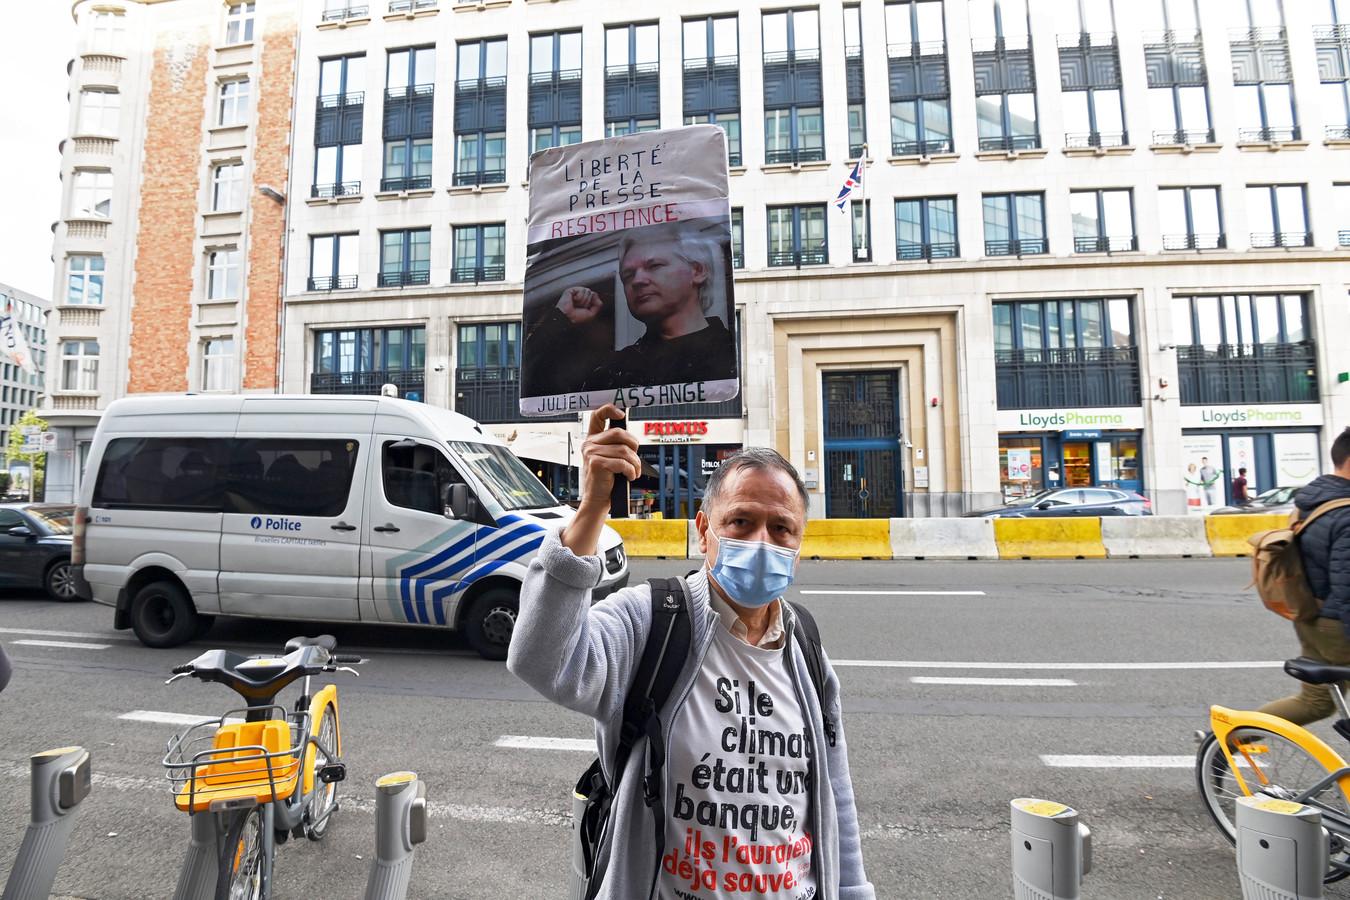 Gisteren werd aan de Britse ambassade in Brussel ook al geprotesteerd in de hoop dat de autoriteiten van het land het uitleveringsverzoek door de VS afwijzen.